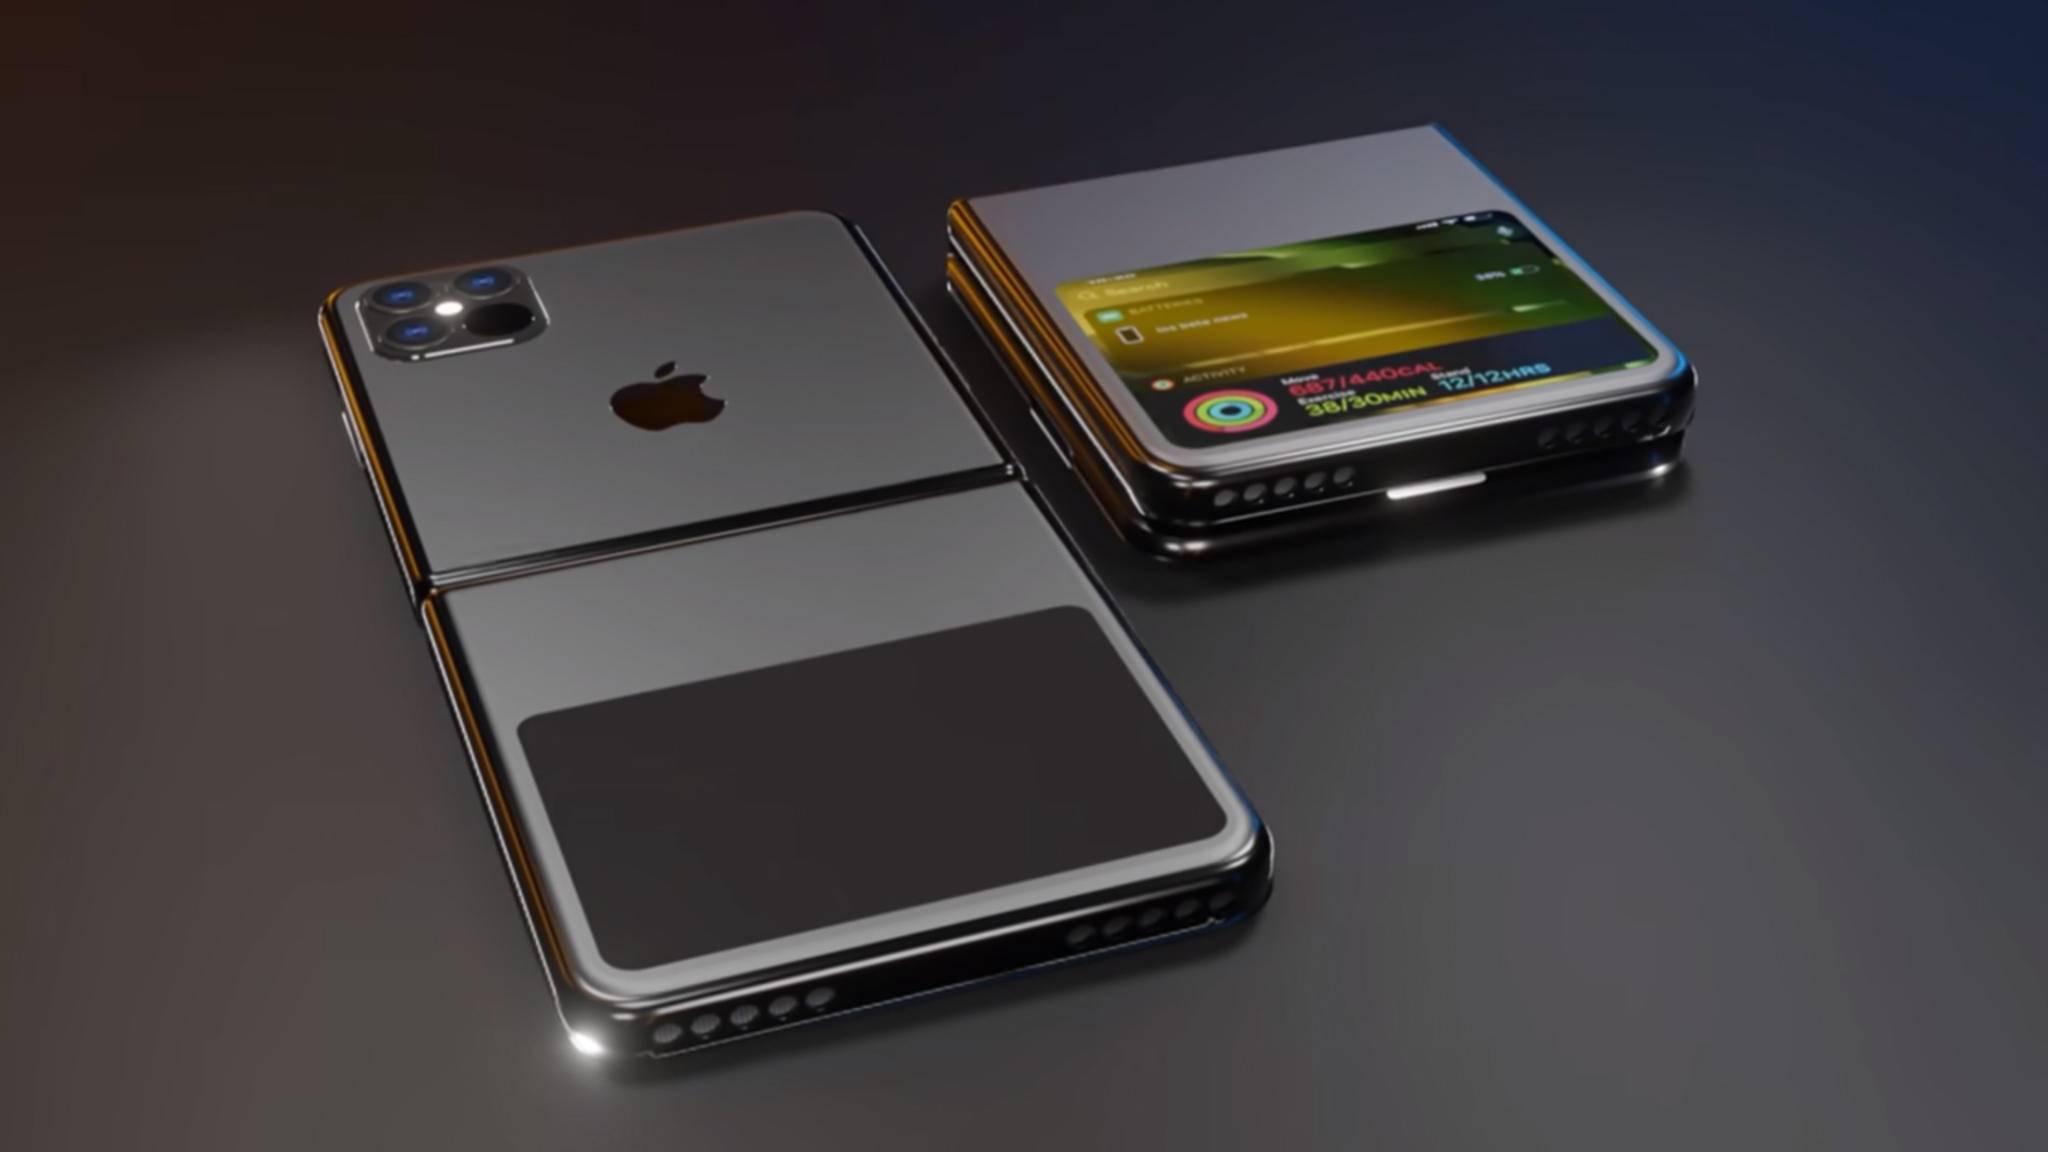 Einer der iPhone-Protoypen funktioniert ähnlich wie das Galaxy Z Flip.